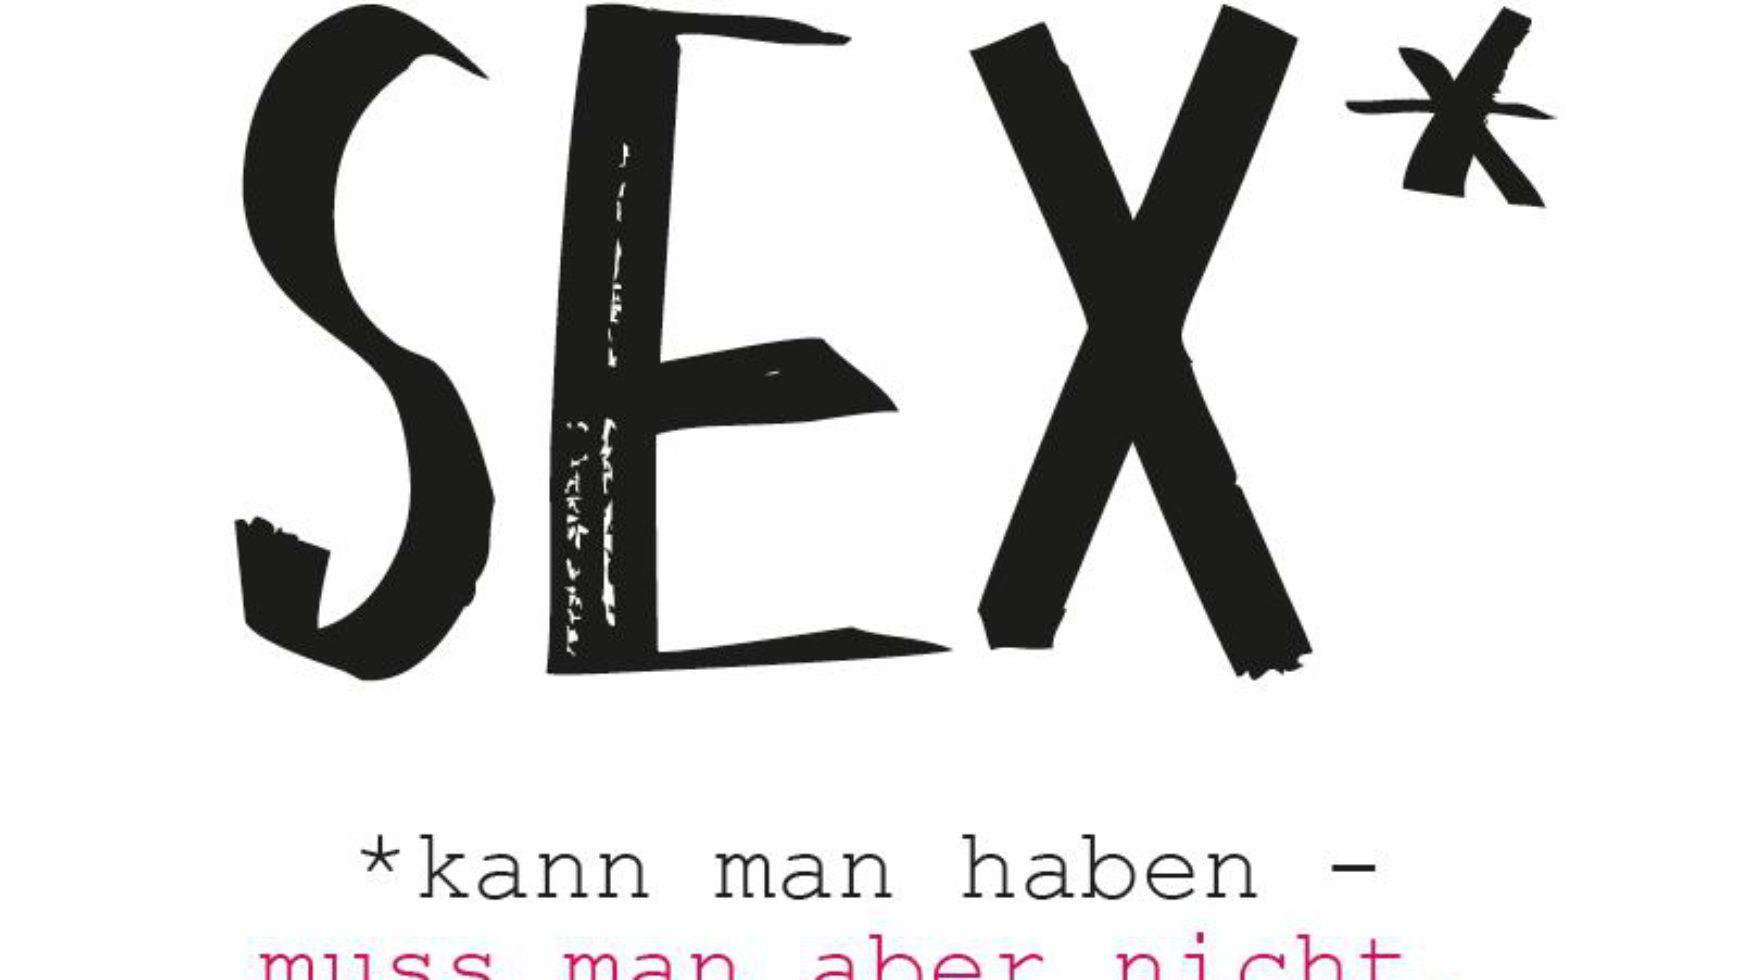 Spektrum A* – Sex kann man haben, muss man aber nicht